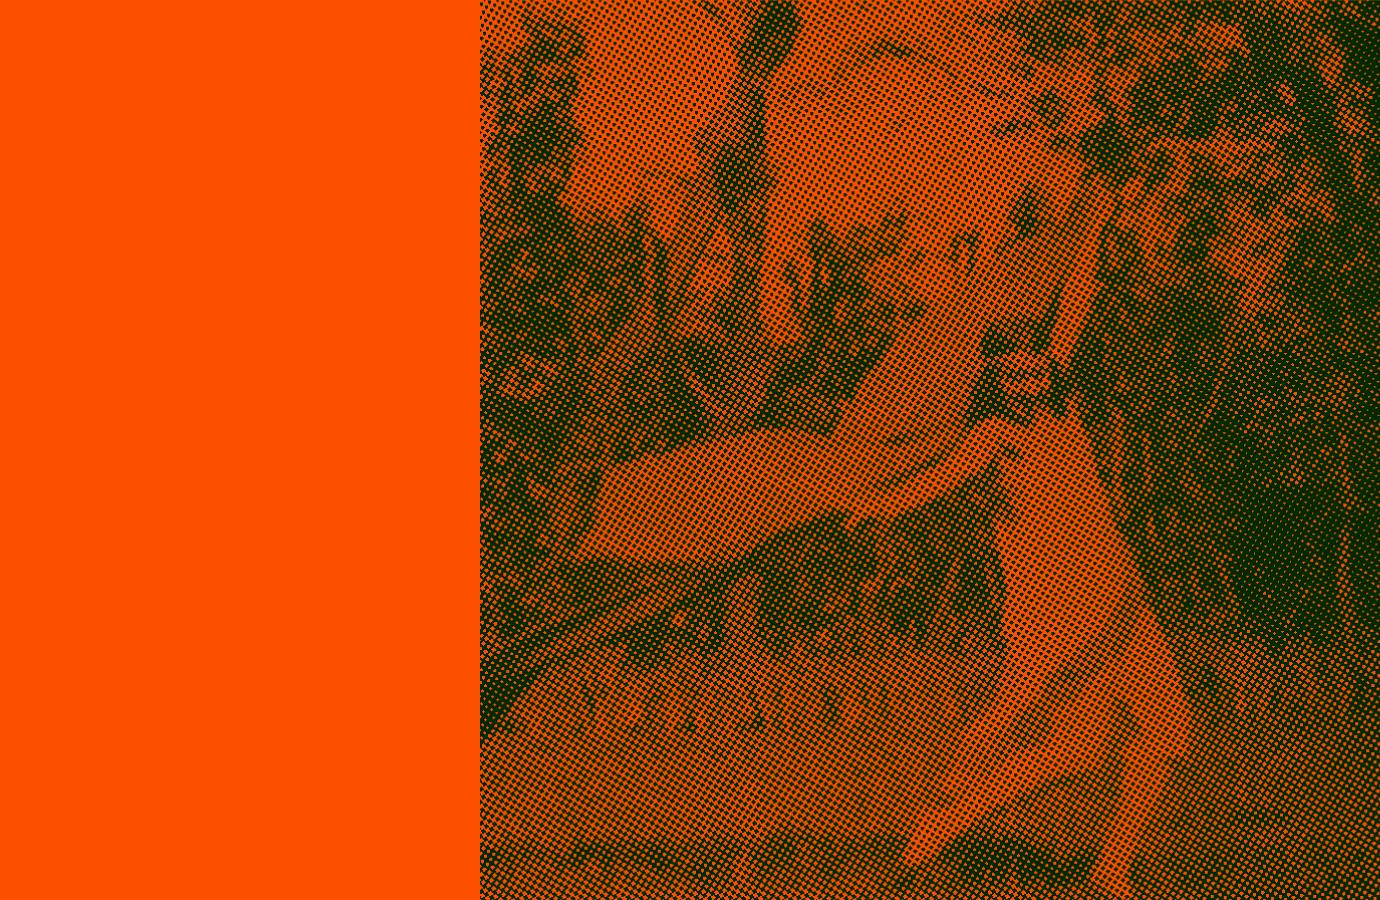 Corpuri și povești (in)vizibile - tururi performative ghidate de Catrinel Catană